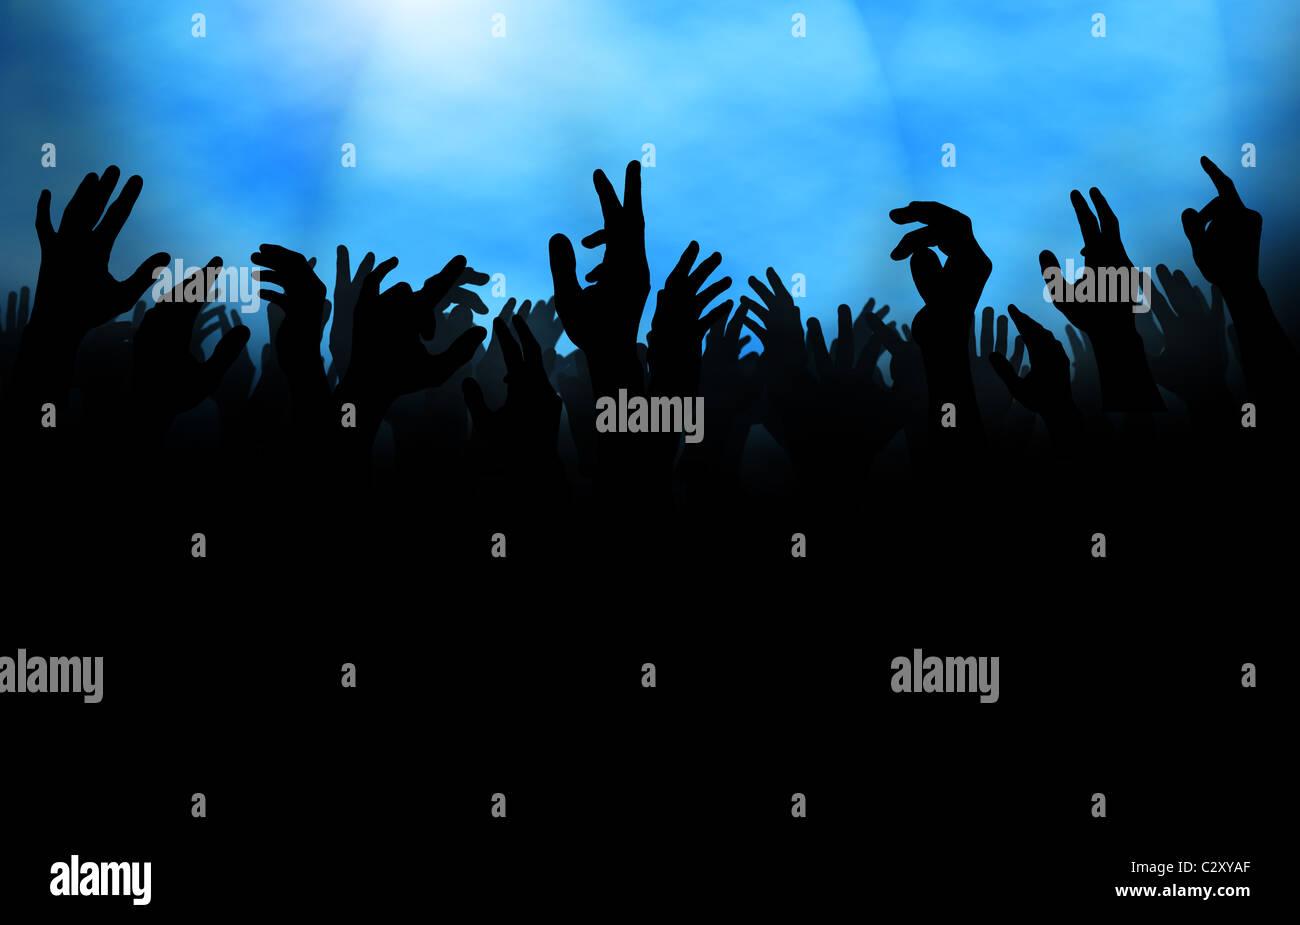 Silhouette einer Menschenmenge mit erhobenen Händen, bei einem Konzert oder auf der Tanzfläche in einem Stockbild